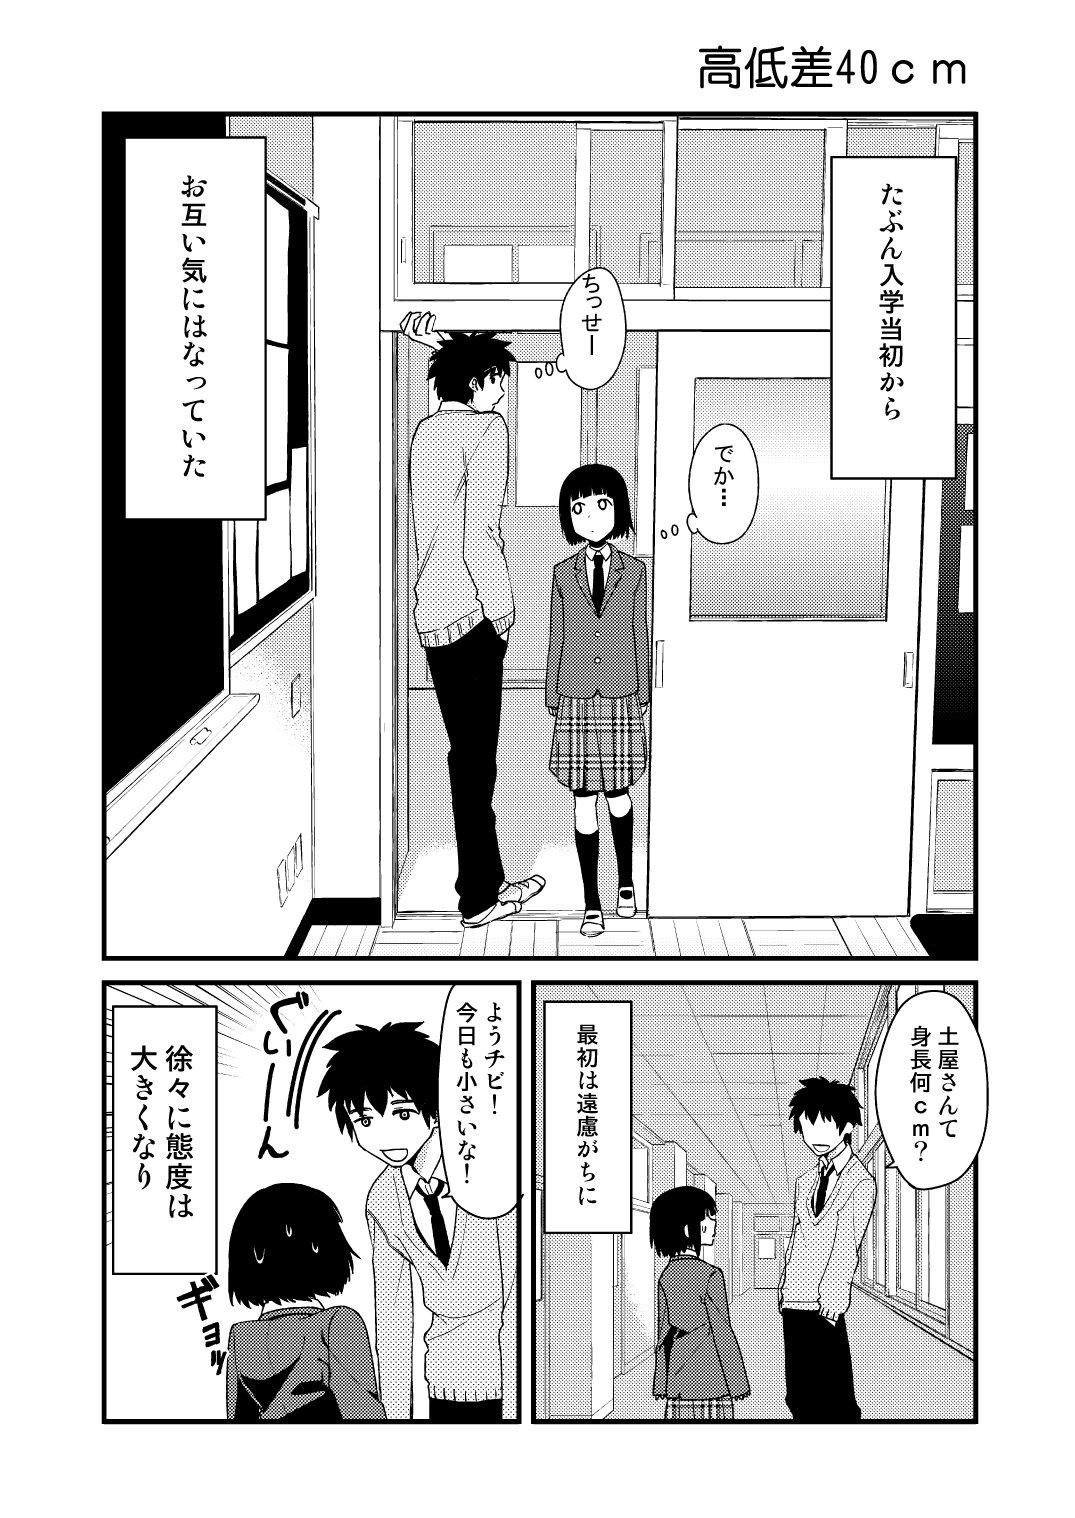 高低差40cmて!不器用な高校生の恋が尊すぎる!!